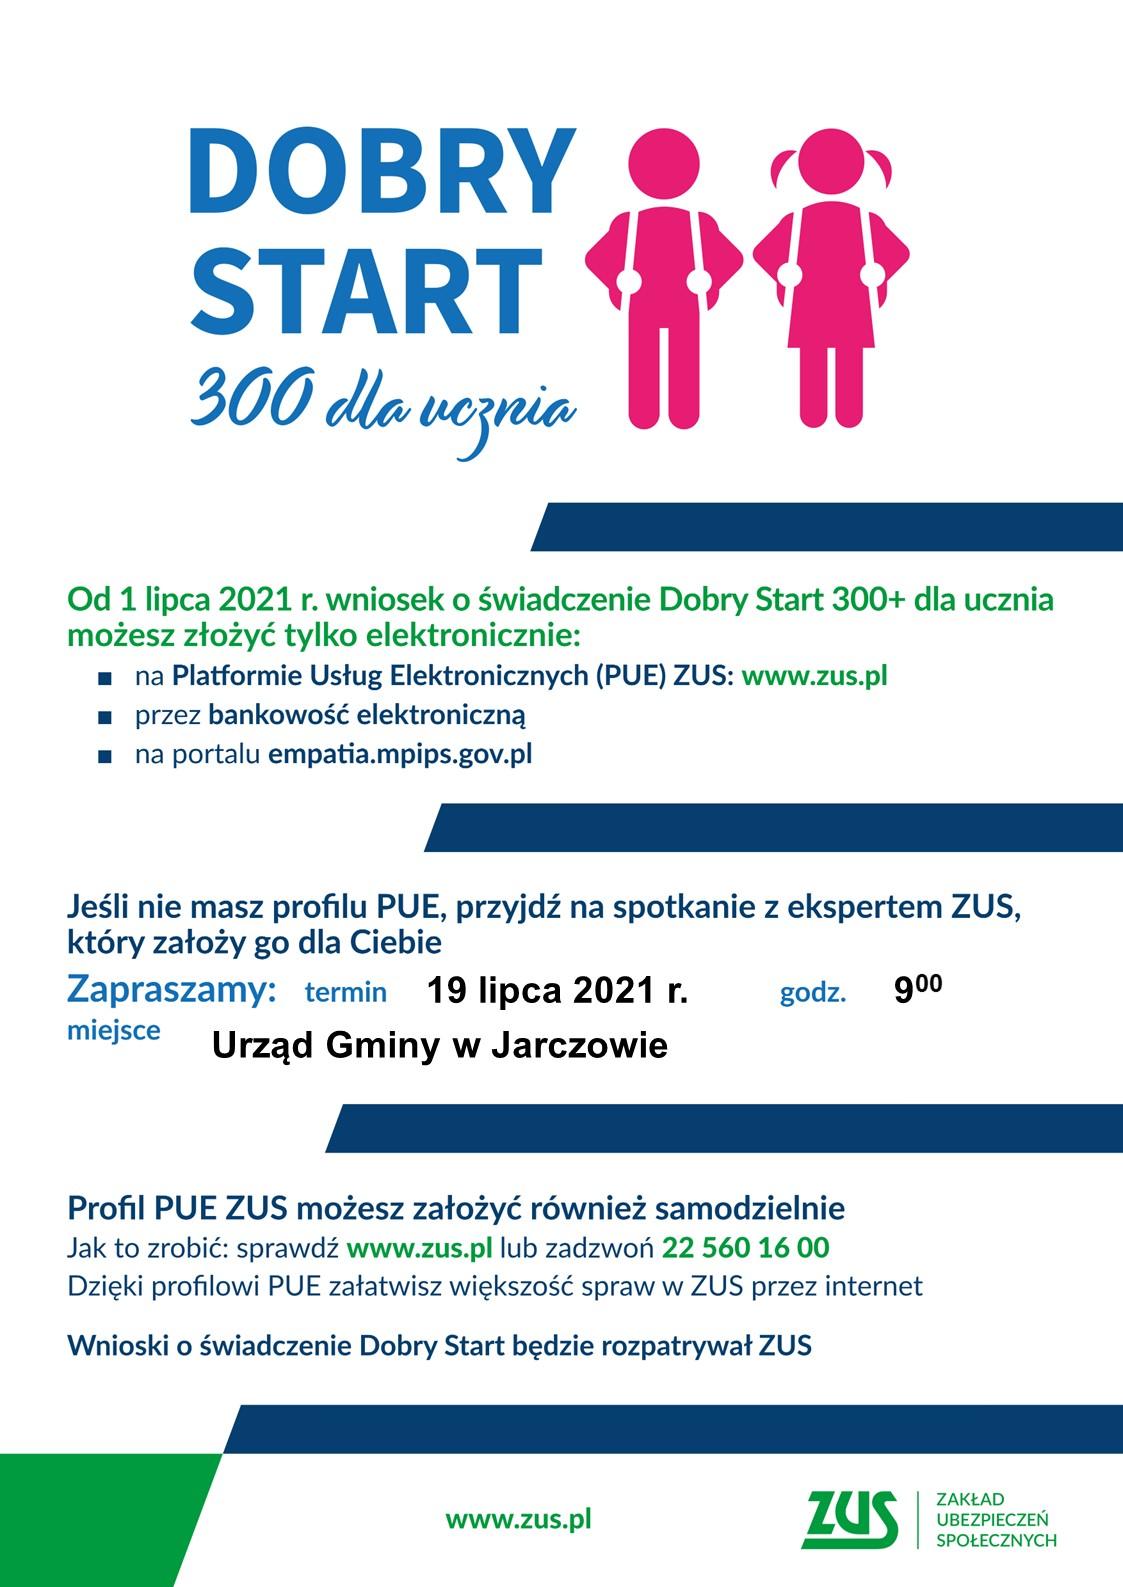 Dobry start 300+ dla ucznia zaproszenie na spotkanie z ekspertem ZUS w Urzędzie Gminy Jarczów 19 lipca 2021 r. o godzinie 9:00